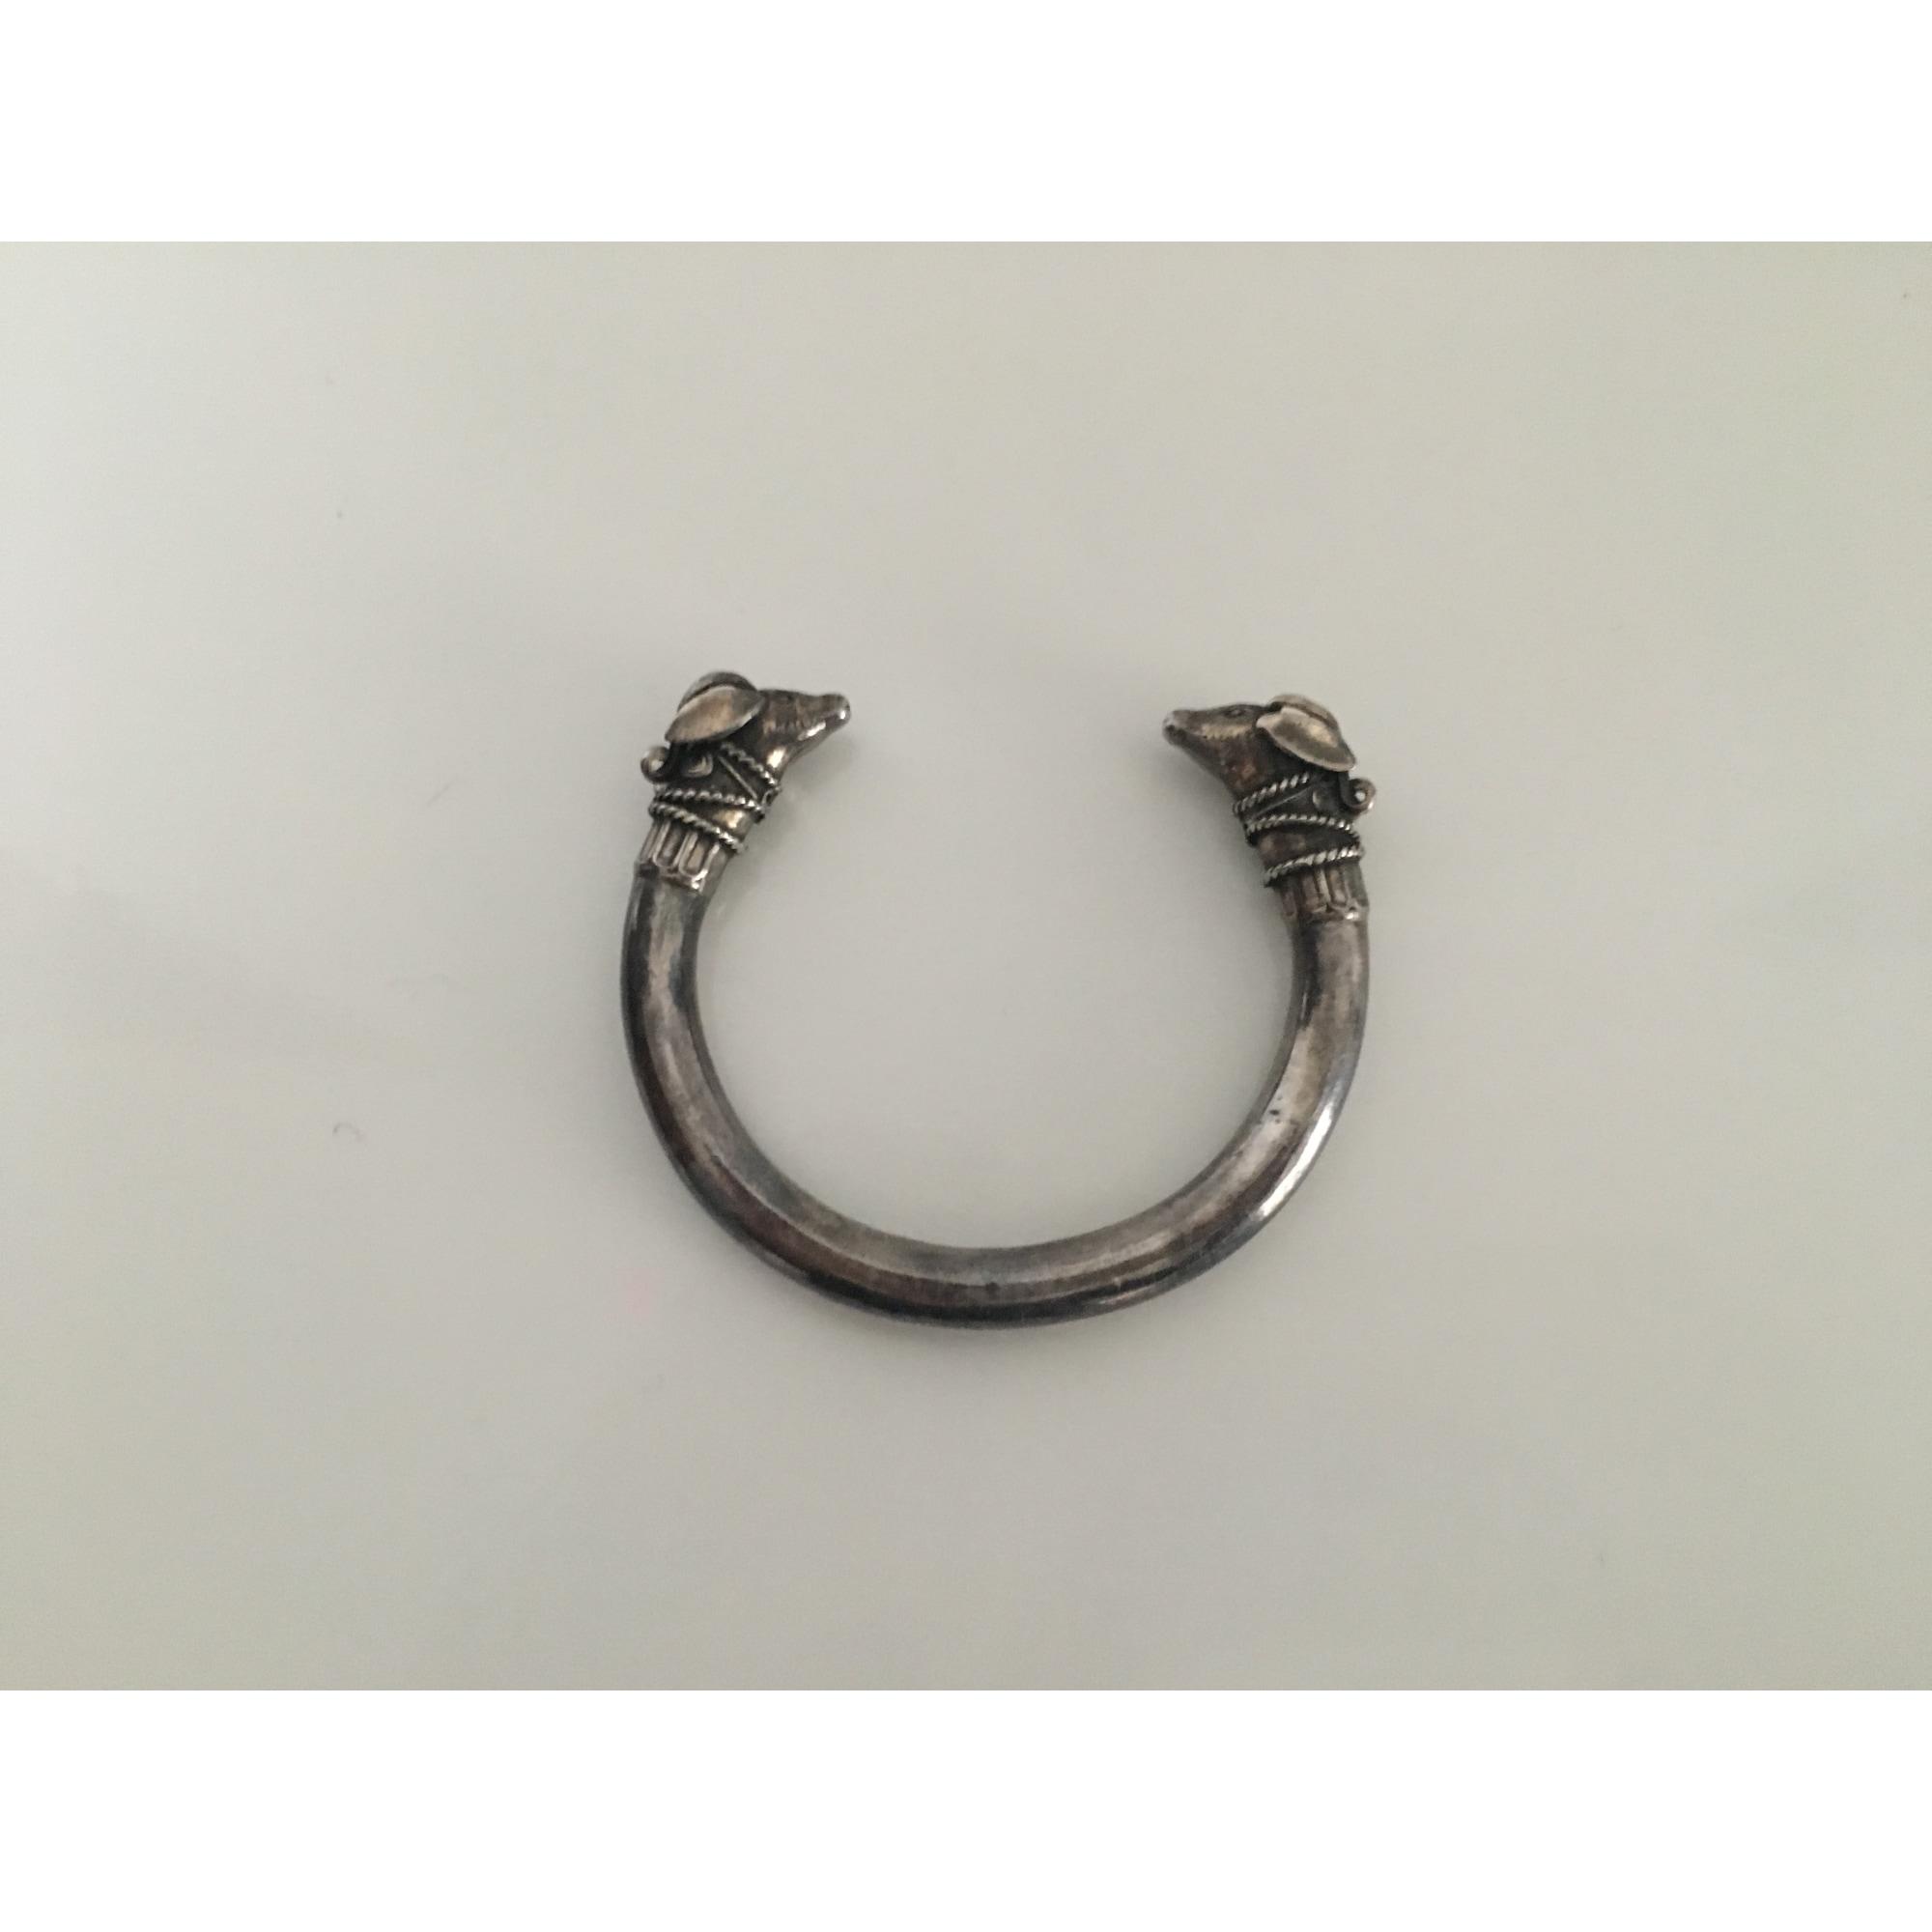 757b076029c Bracelet MUSÉE DU LOUVRE argenté vendu par Taé169576 - 7303354